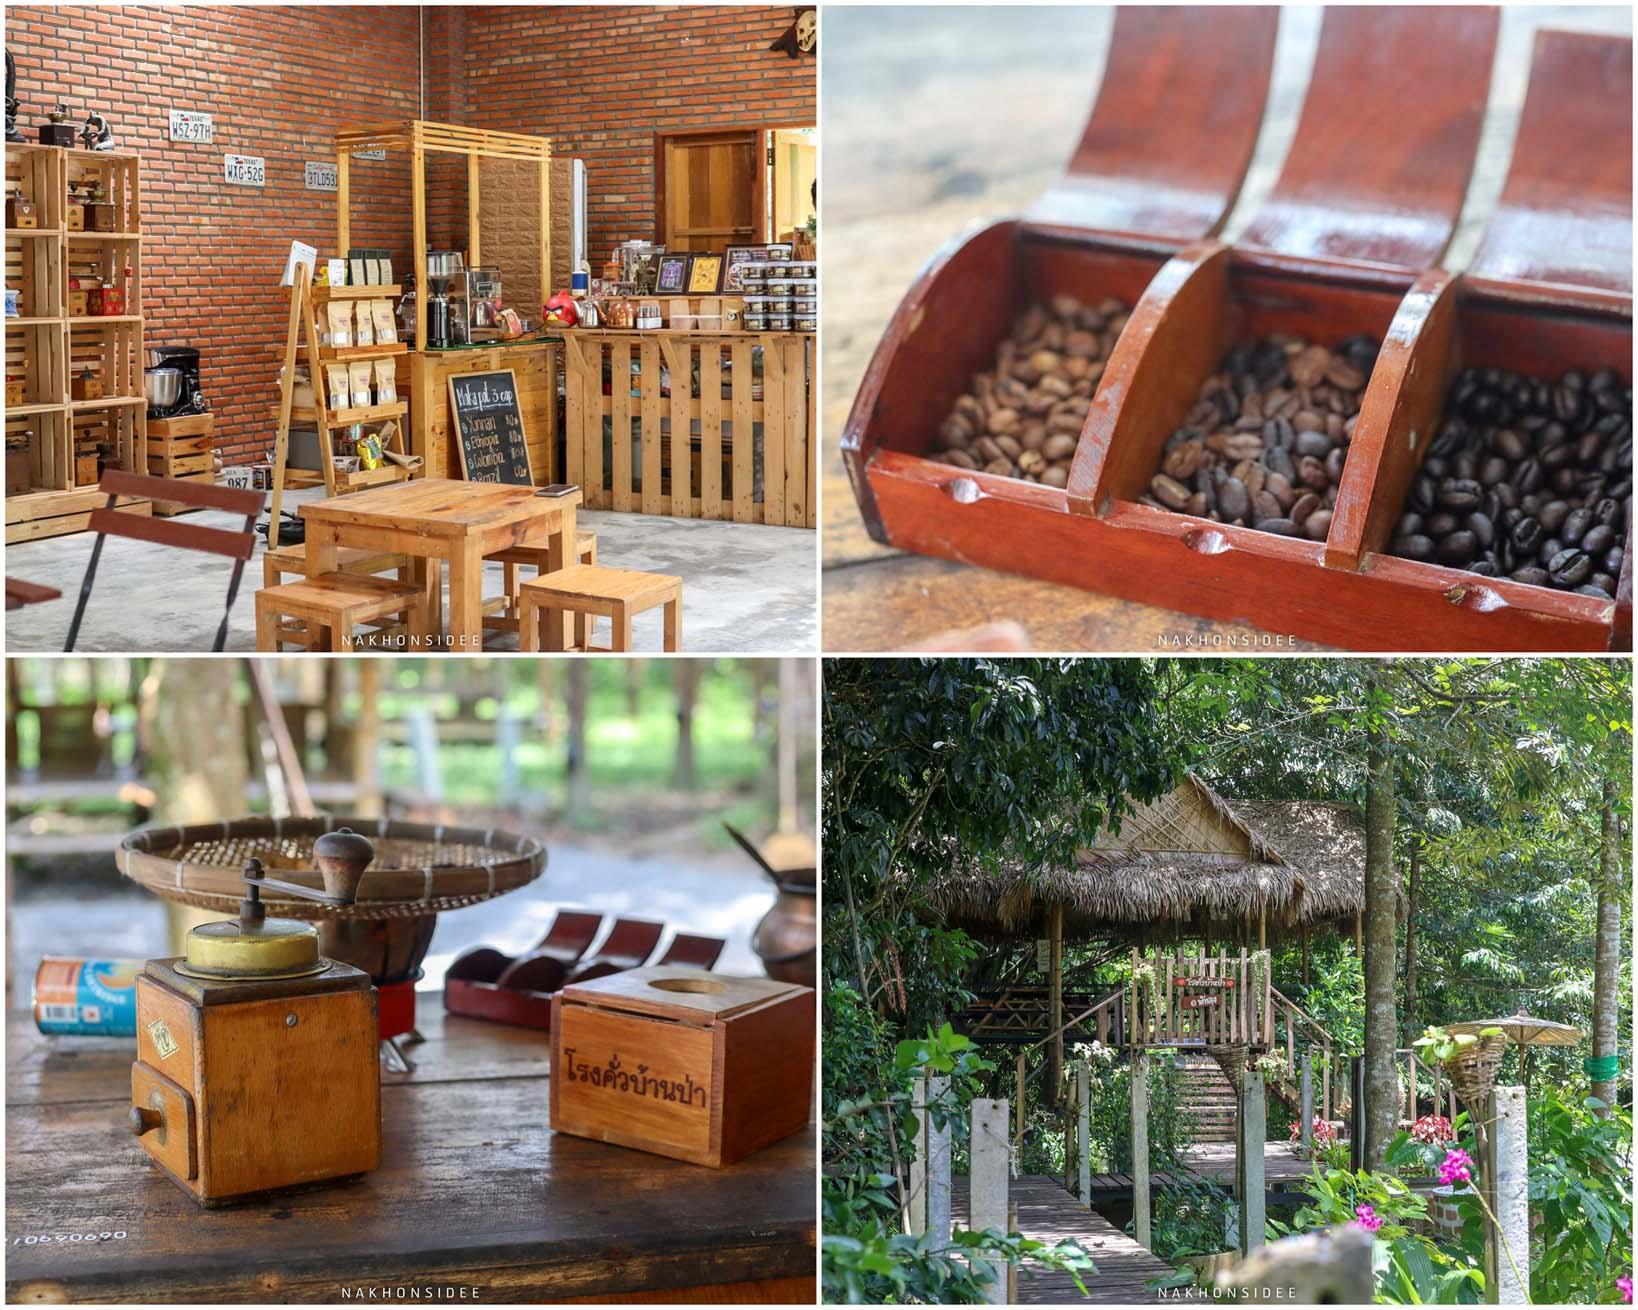 11.-โรงคั่วบ้านป่า-เป็นทั้งร้านกาแฟแนวป่าๆ-และมีให้่บดและทำกาแฟเองด้วยน้าา ที่เที่ยว,ที่พัก,พัทลุง,การท่องเที่ยว,ประเทศไทย,วิถีชีวิต,ชุมชน,ดริฟท์กาแฟ